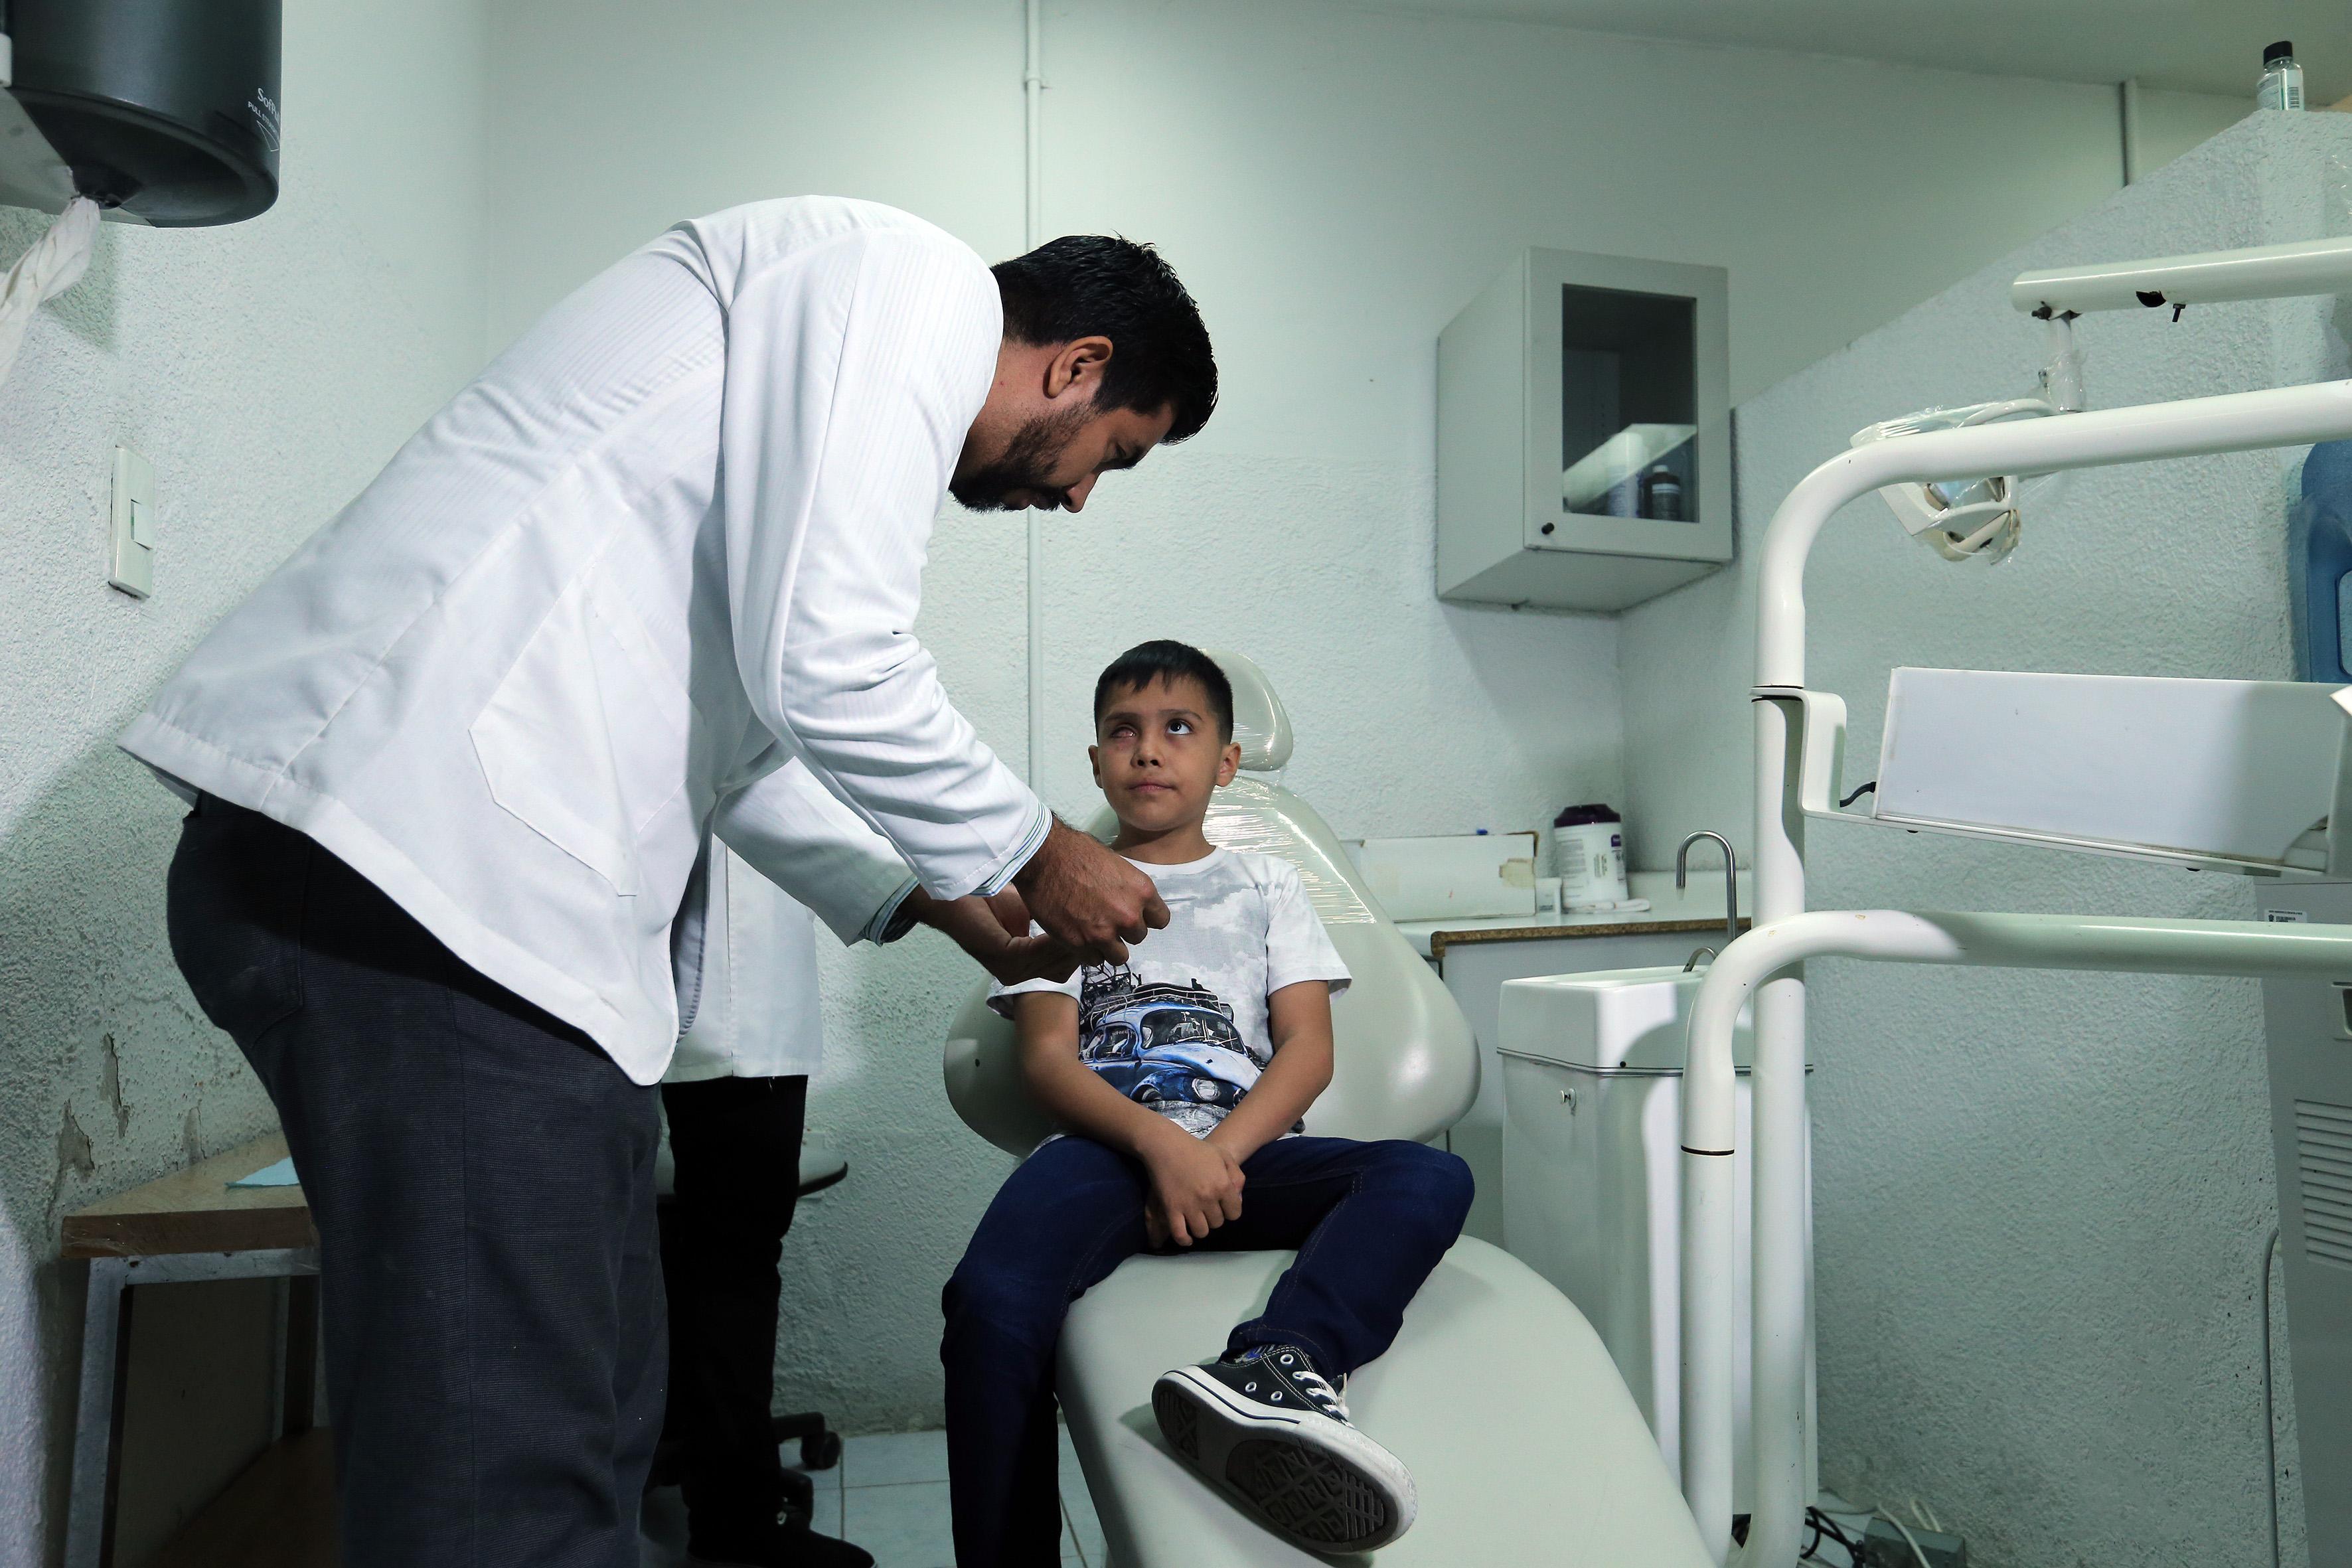 Médico especialista le realiza limpieza en el ojo al niño receptor de prótesis